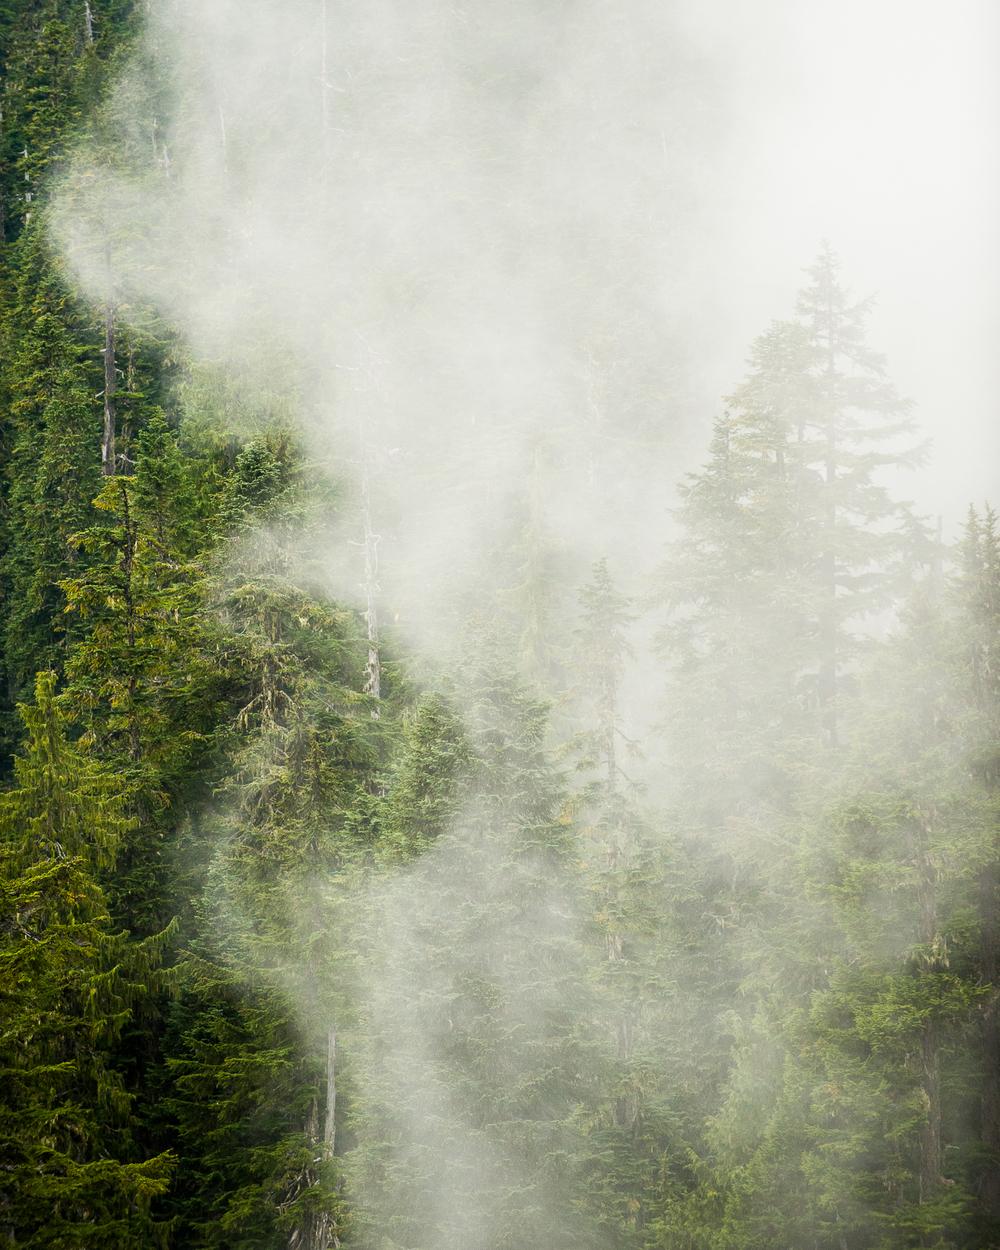 Fog Tenticles